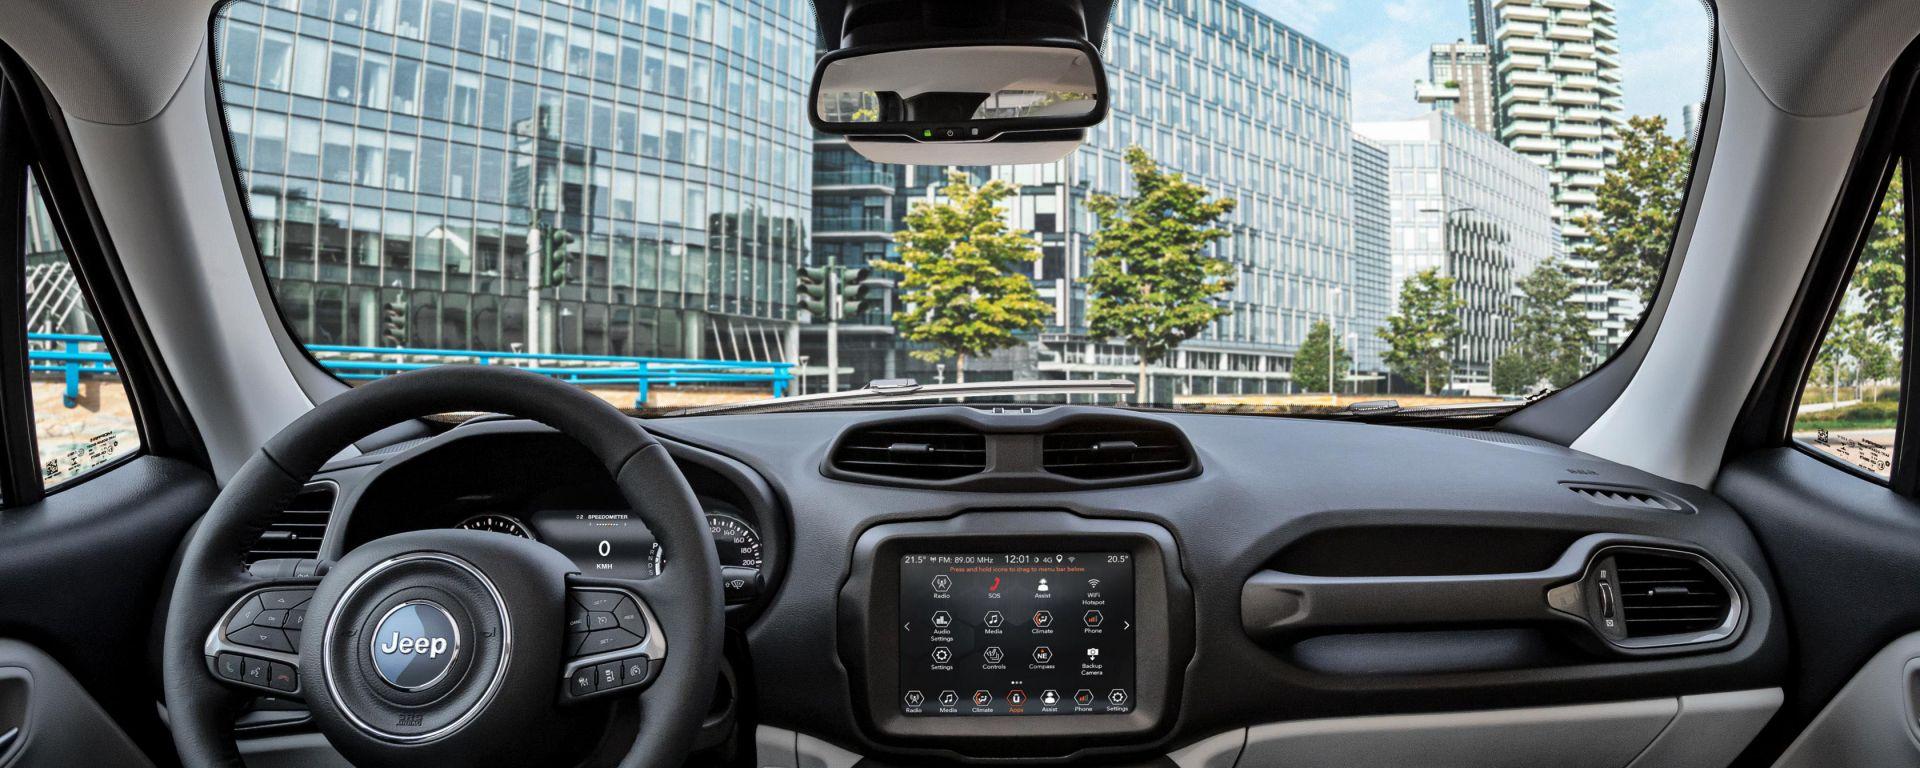 Jeep Renegade 2020: gli interni